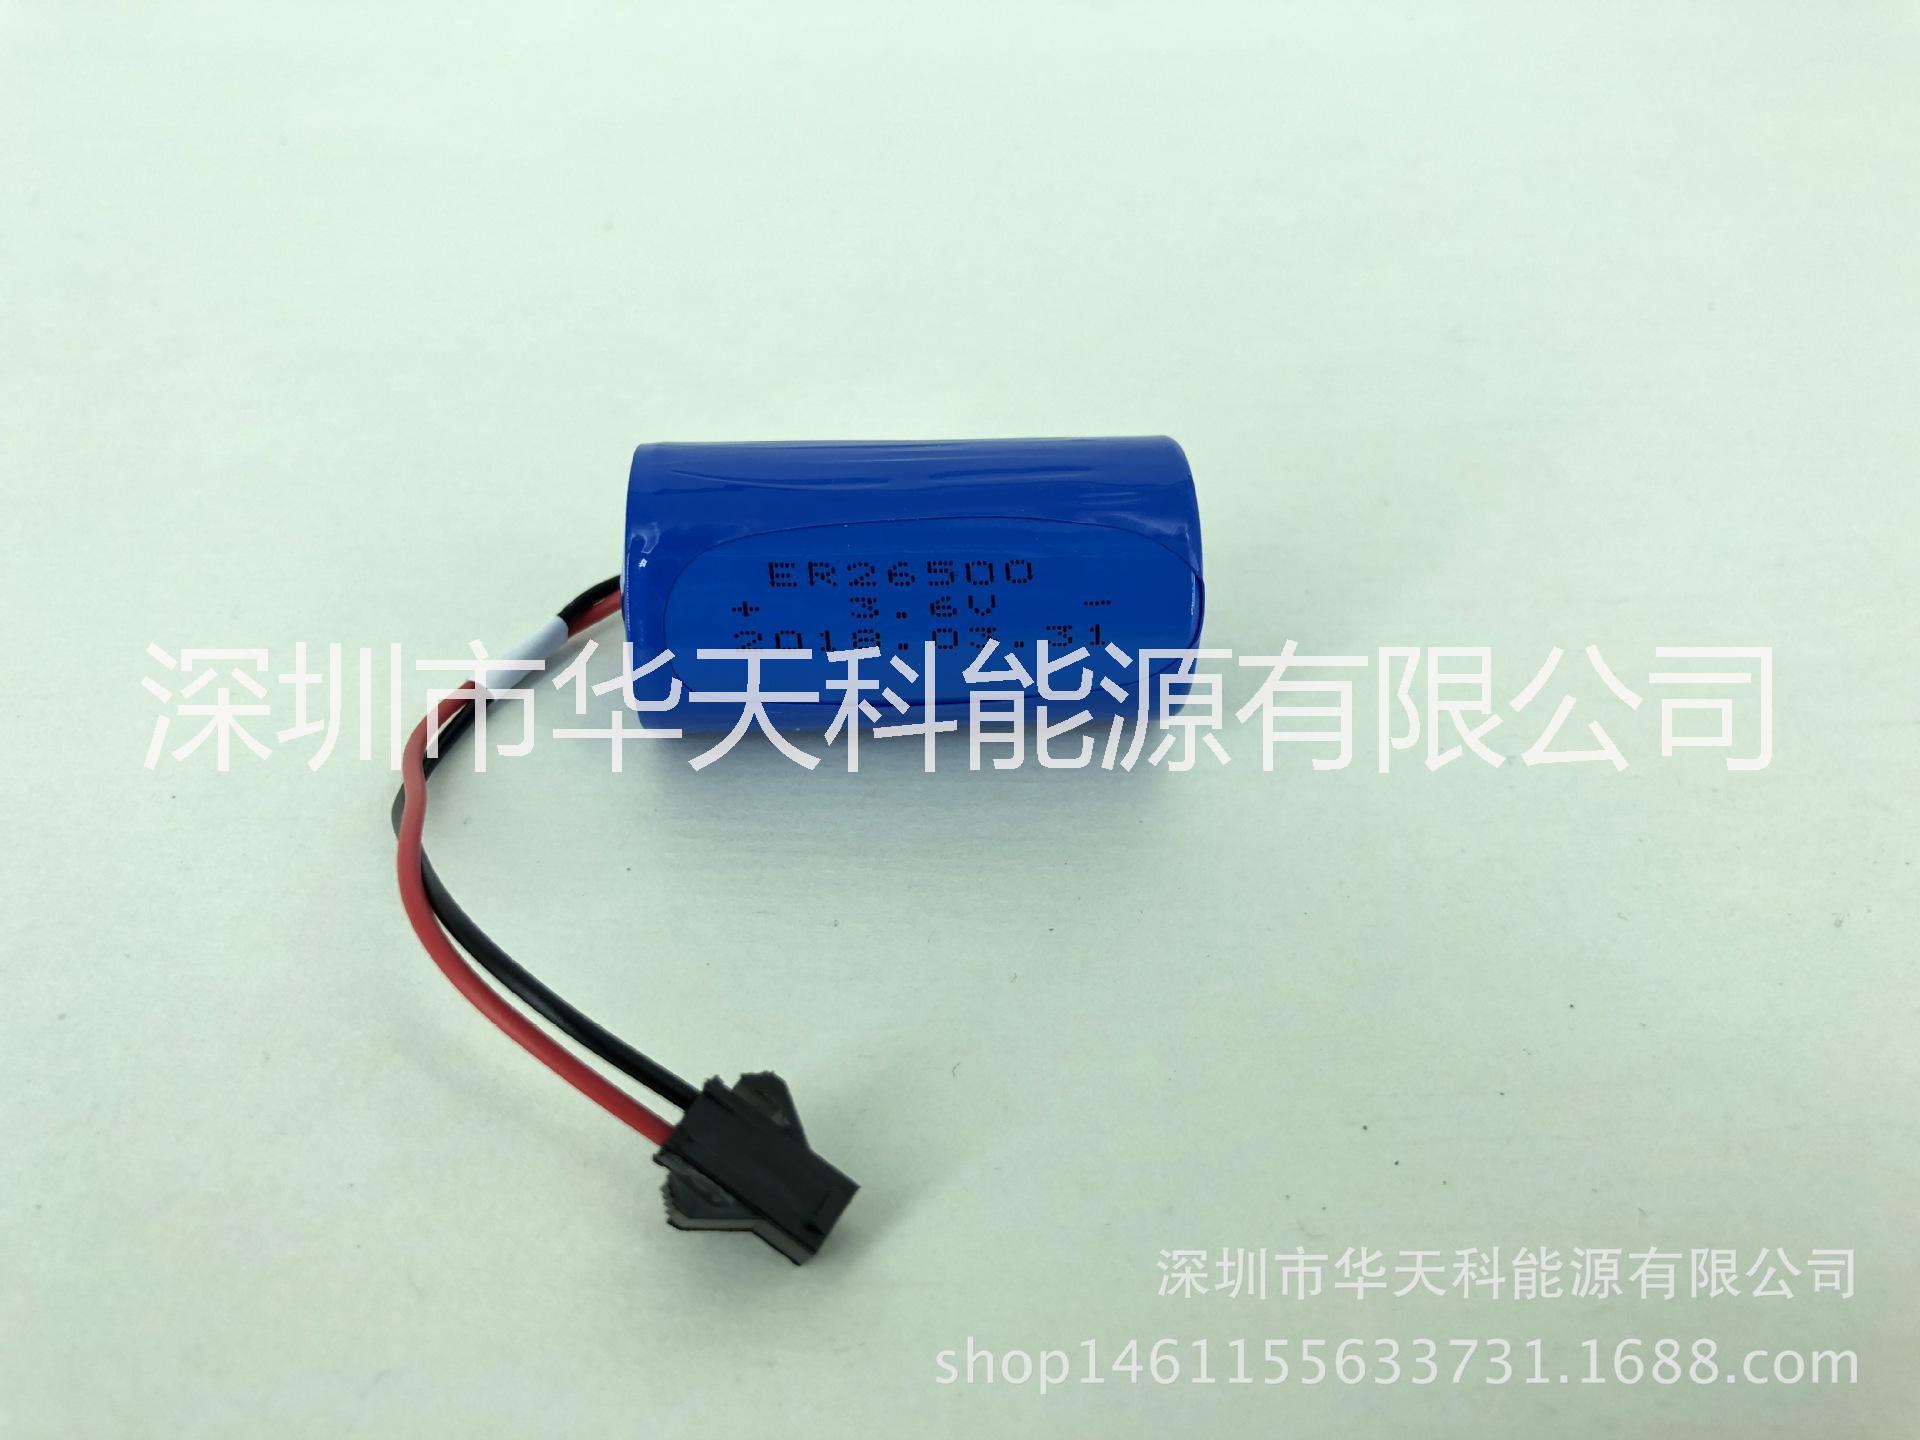 华天科能源华天科能源ER17505H锂亚柱式3.6V电池3600mAh能量型3.6V电池3600mAh能量型大量现货销售